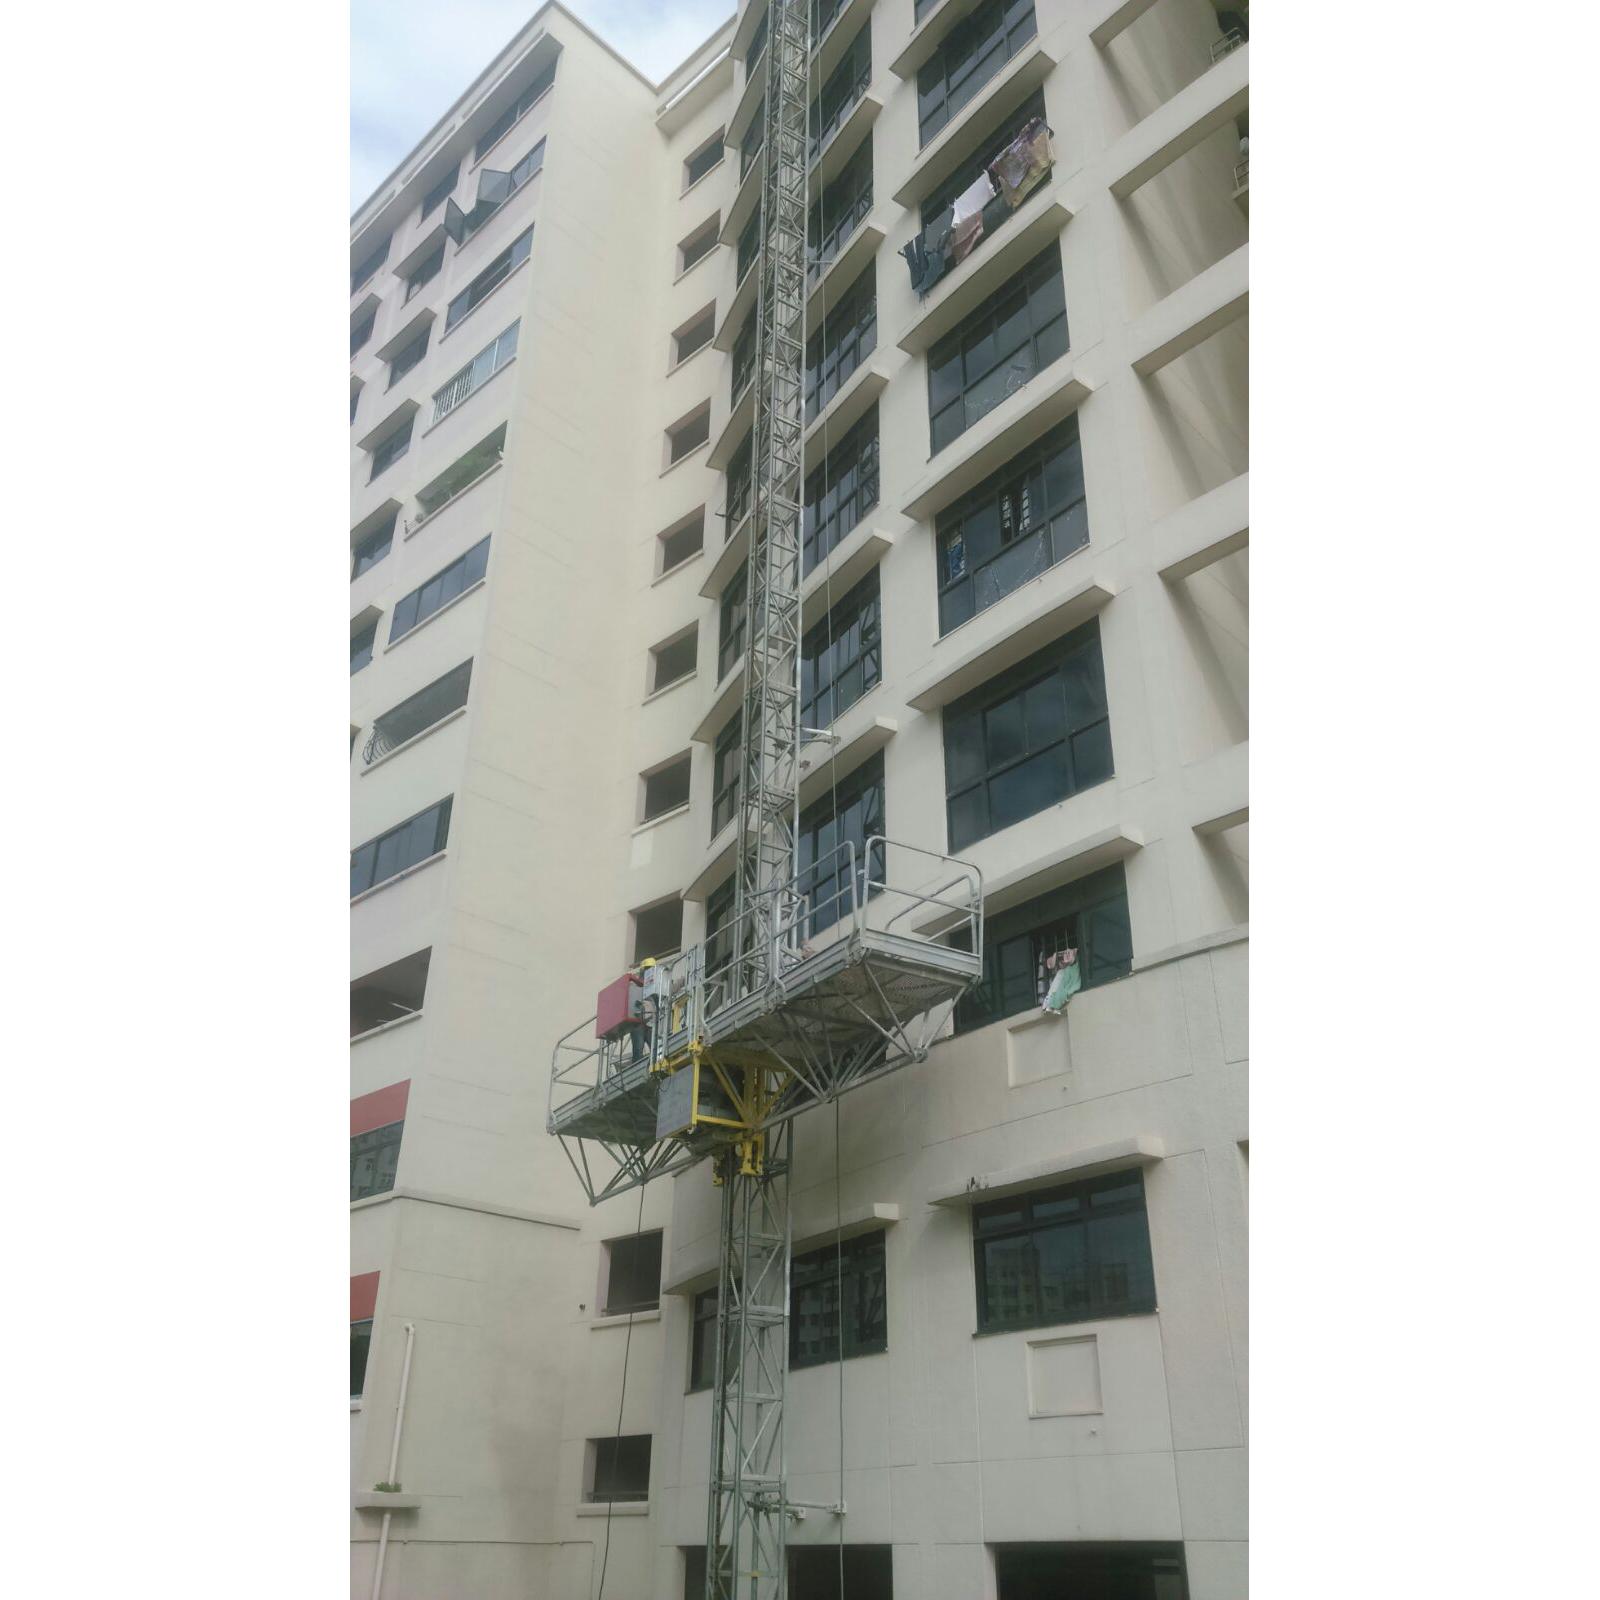 Choa Chu Kang Ave 2